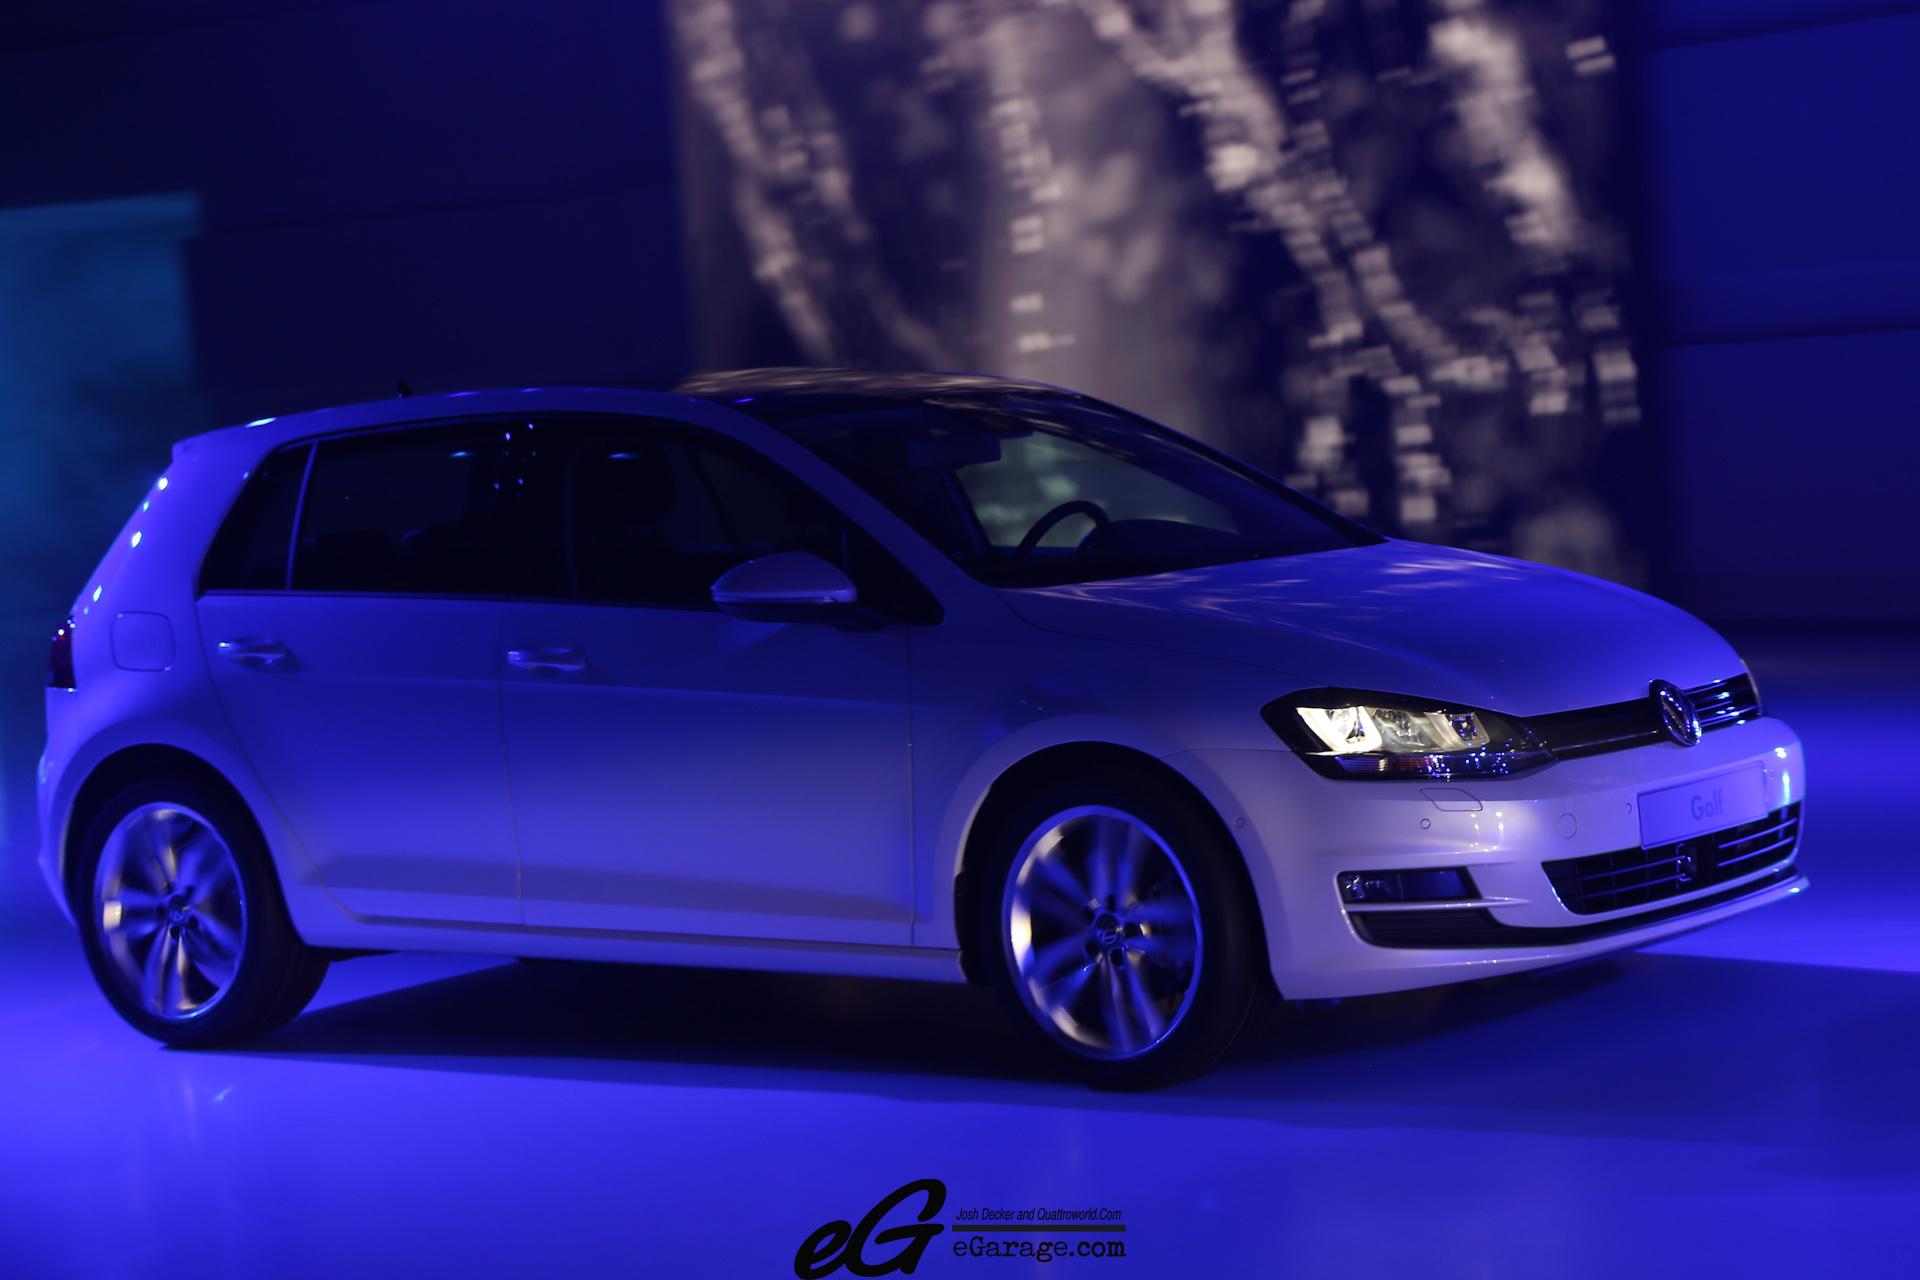 8030379486 d0cebc1215 o 2012 Paris Motor Show